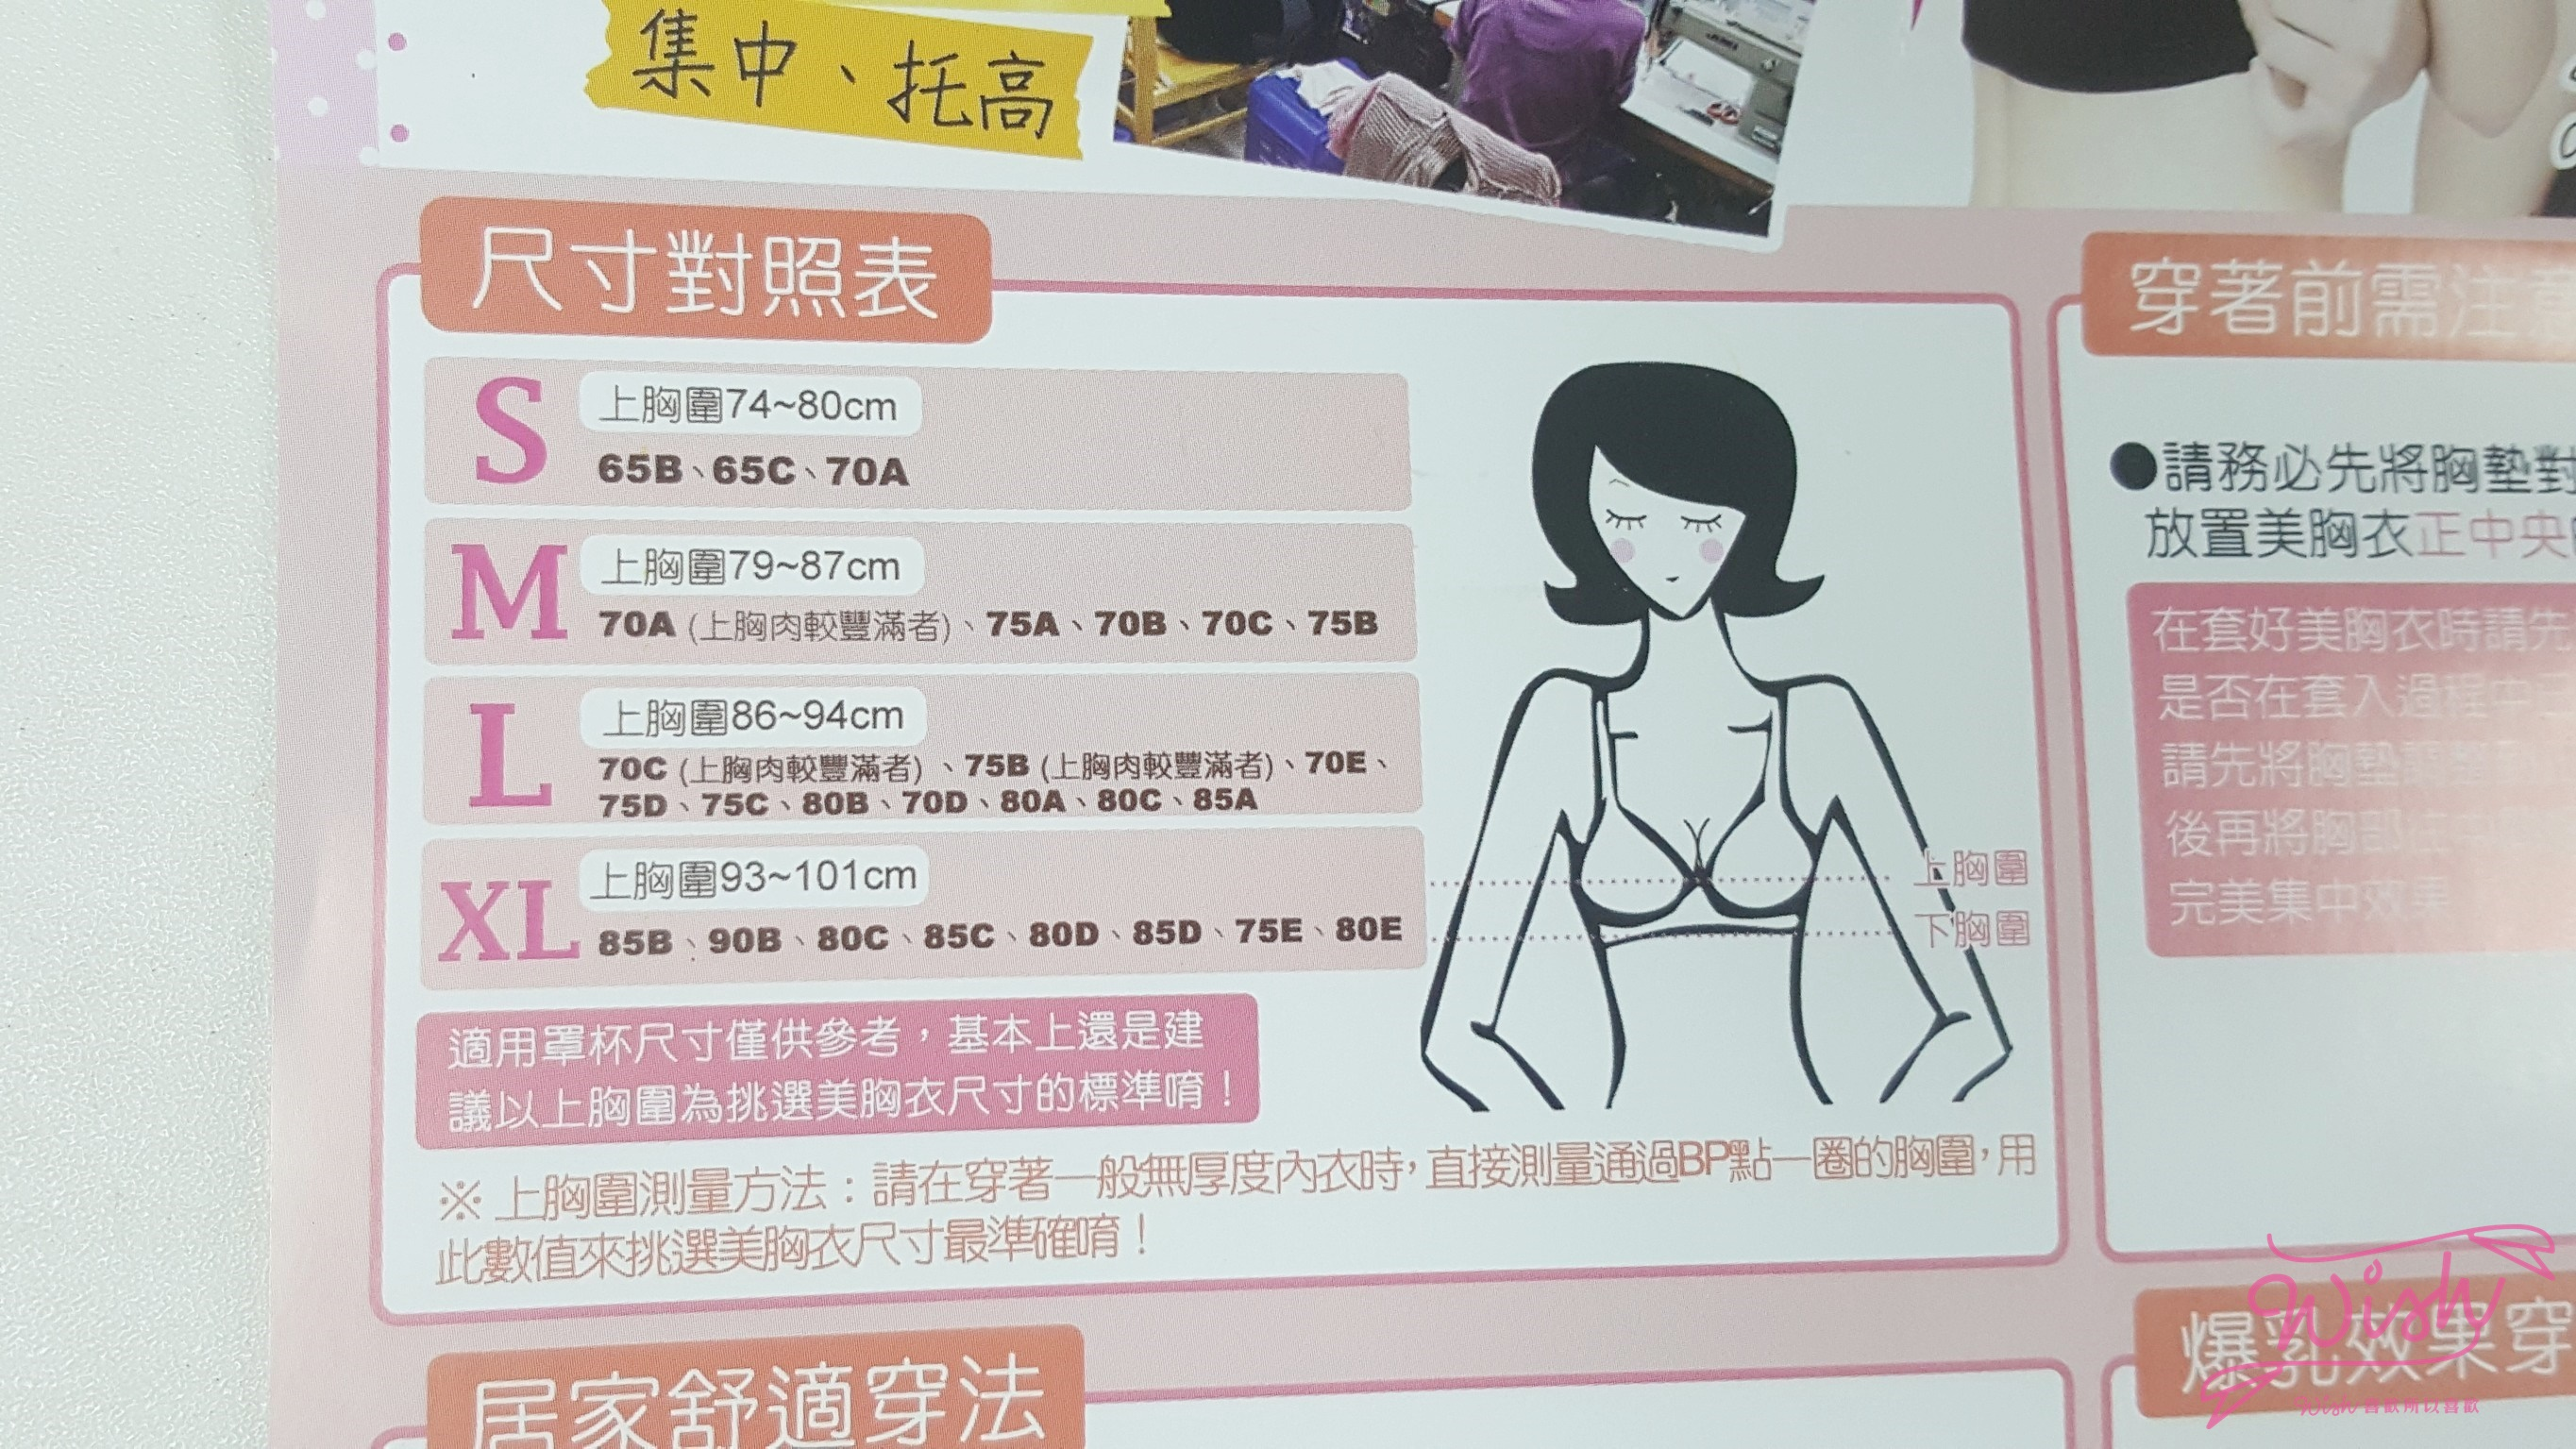 【美胸衣推薦】日本怪獸 – 點點夜寢美胸衣強勢上市,讓妳的夏天更浪漫!